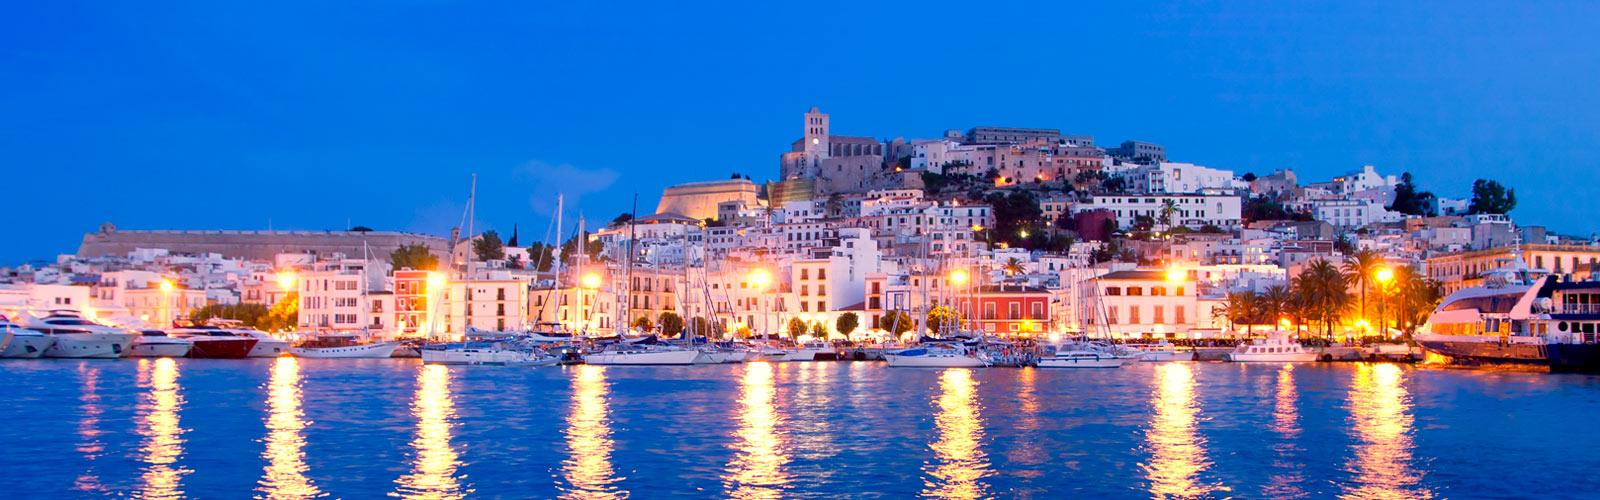 Ibiza by night